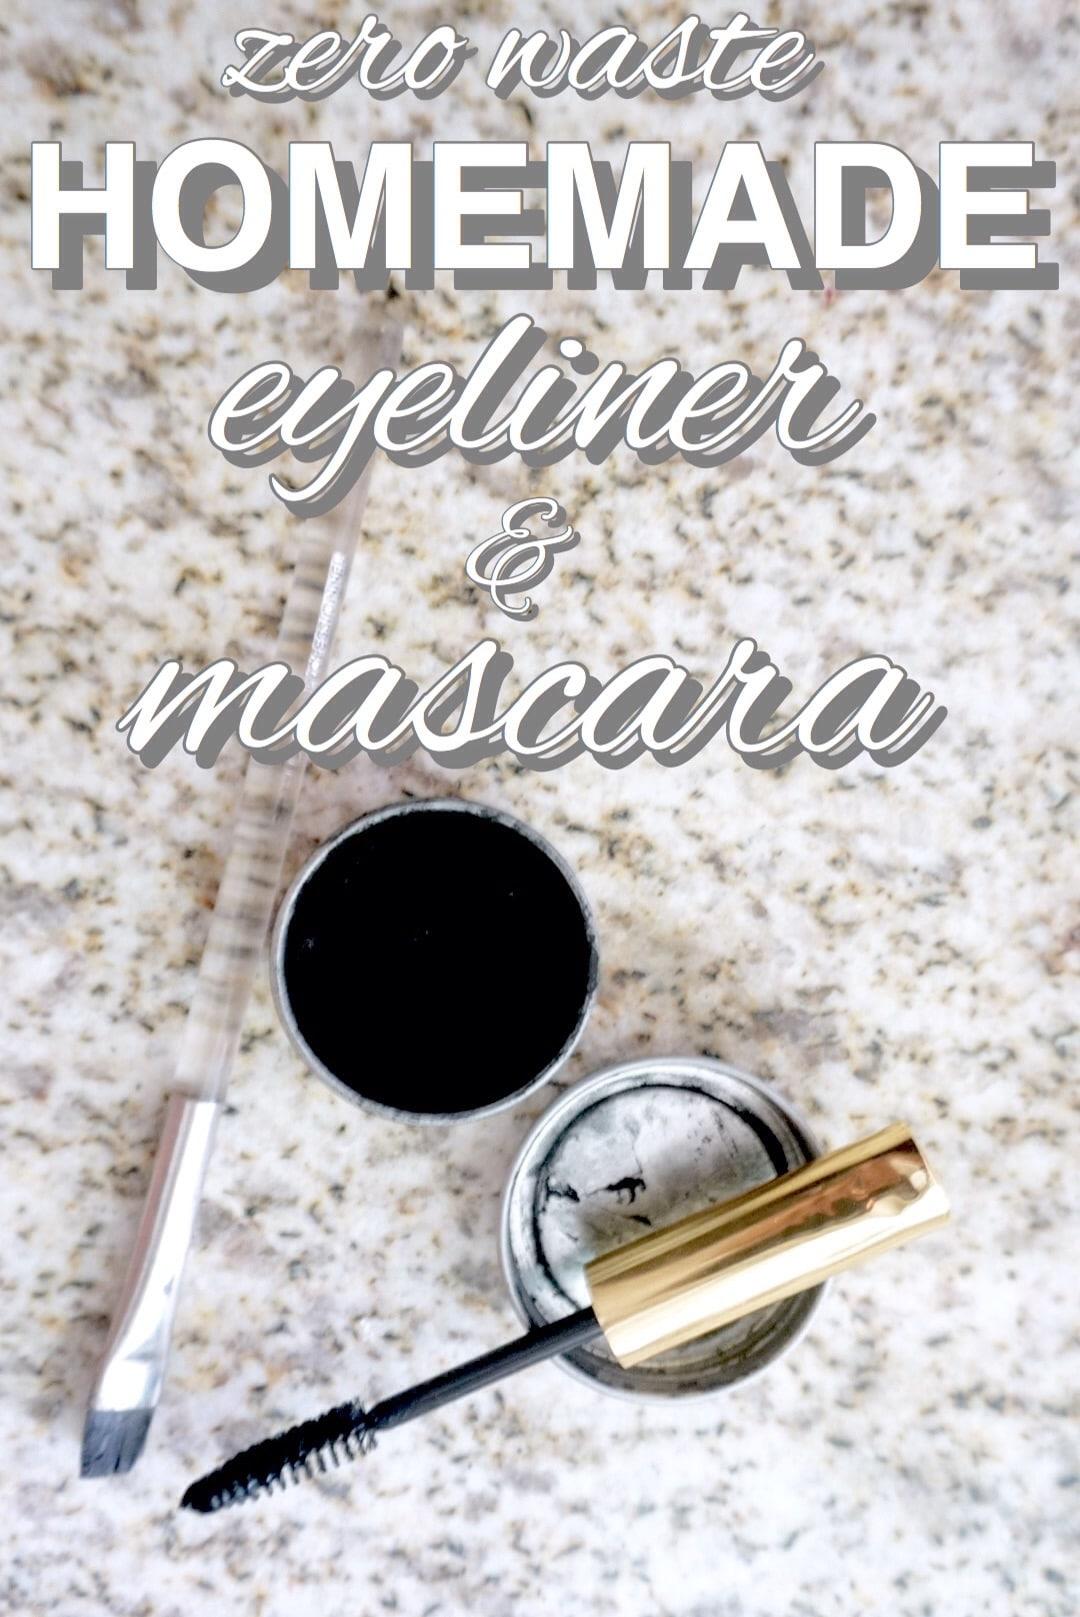 zero waste, homemade eyeliner and mascara